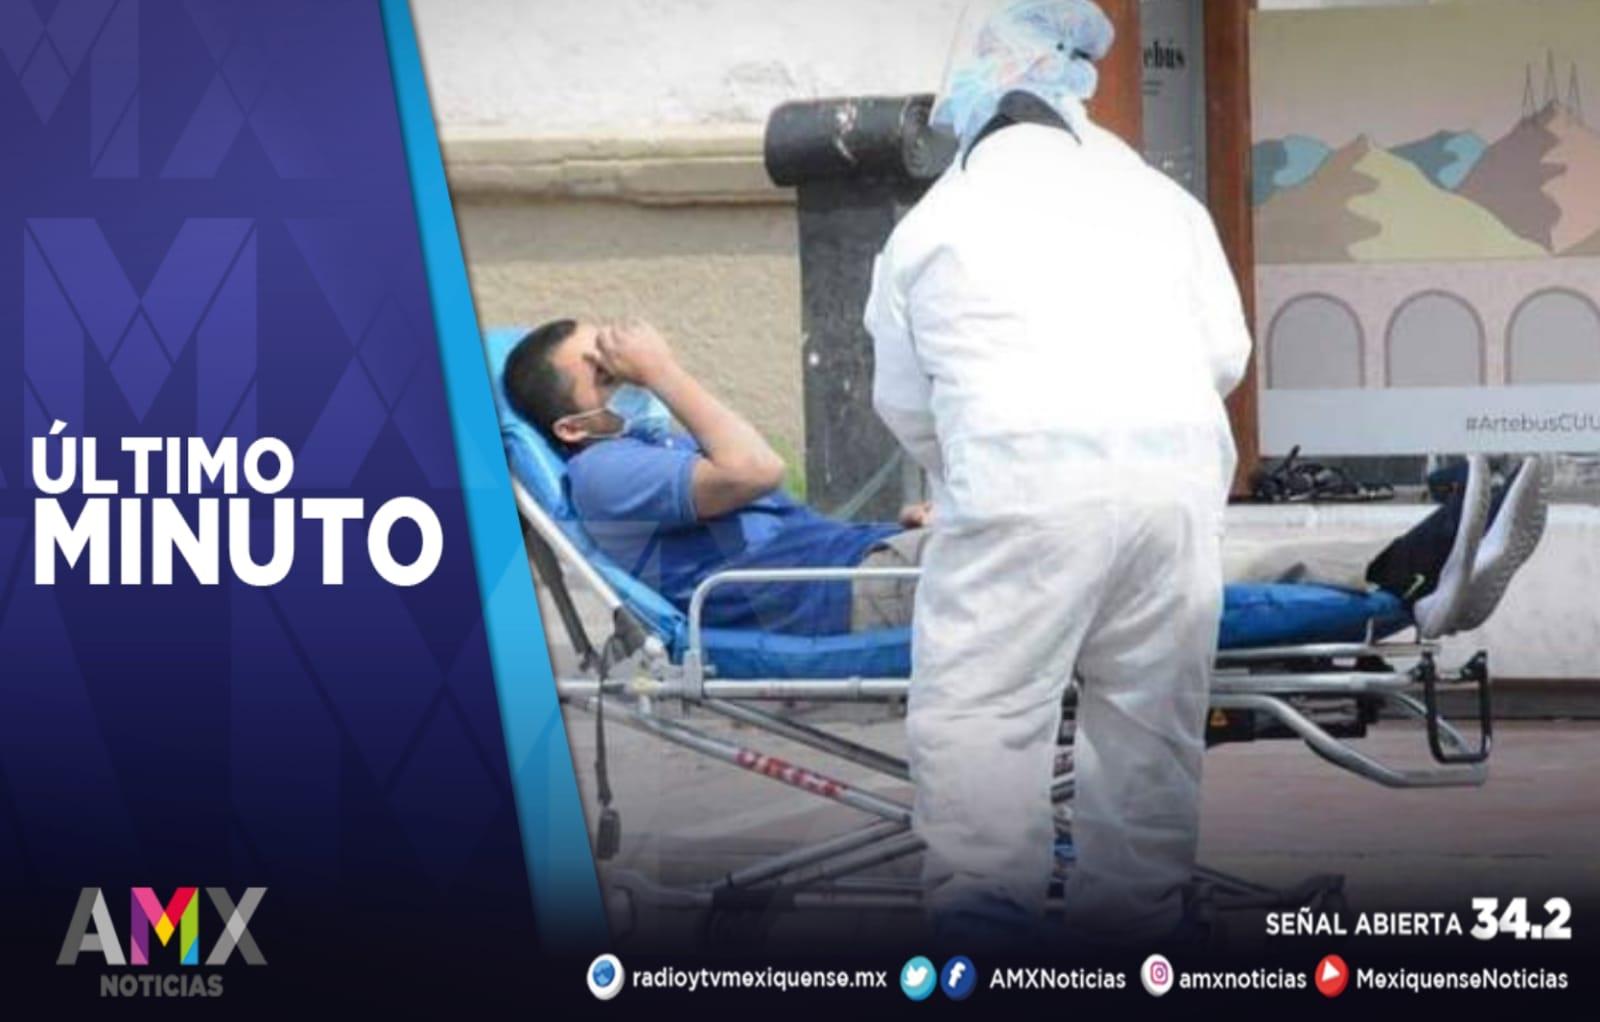 MÉXICO REGISTRA MÁS DE 531 MIL CASOS SOSPECHOSOS POR COVID-19